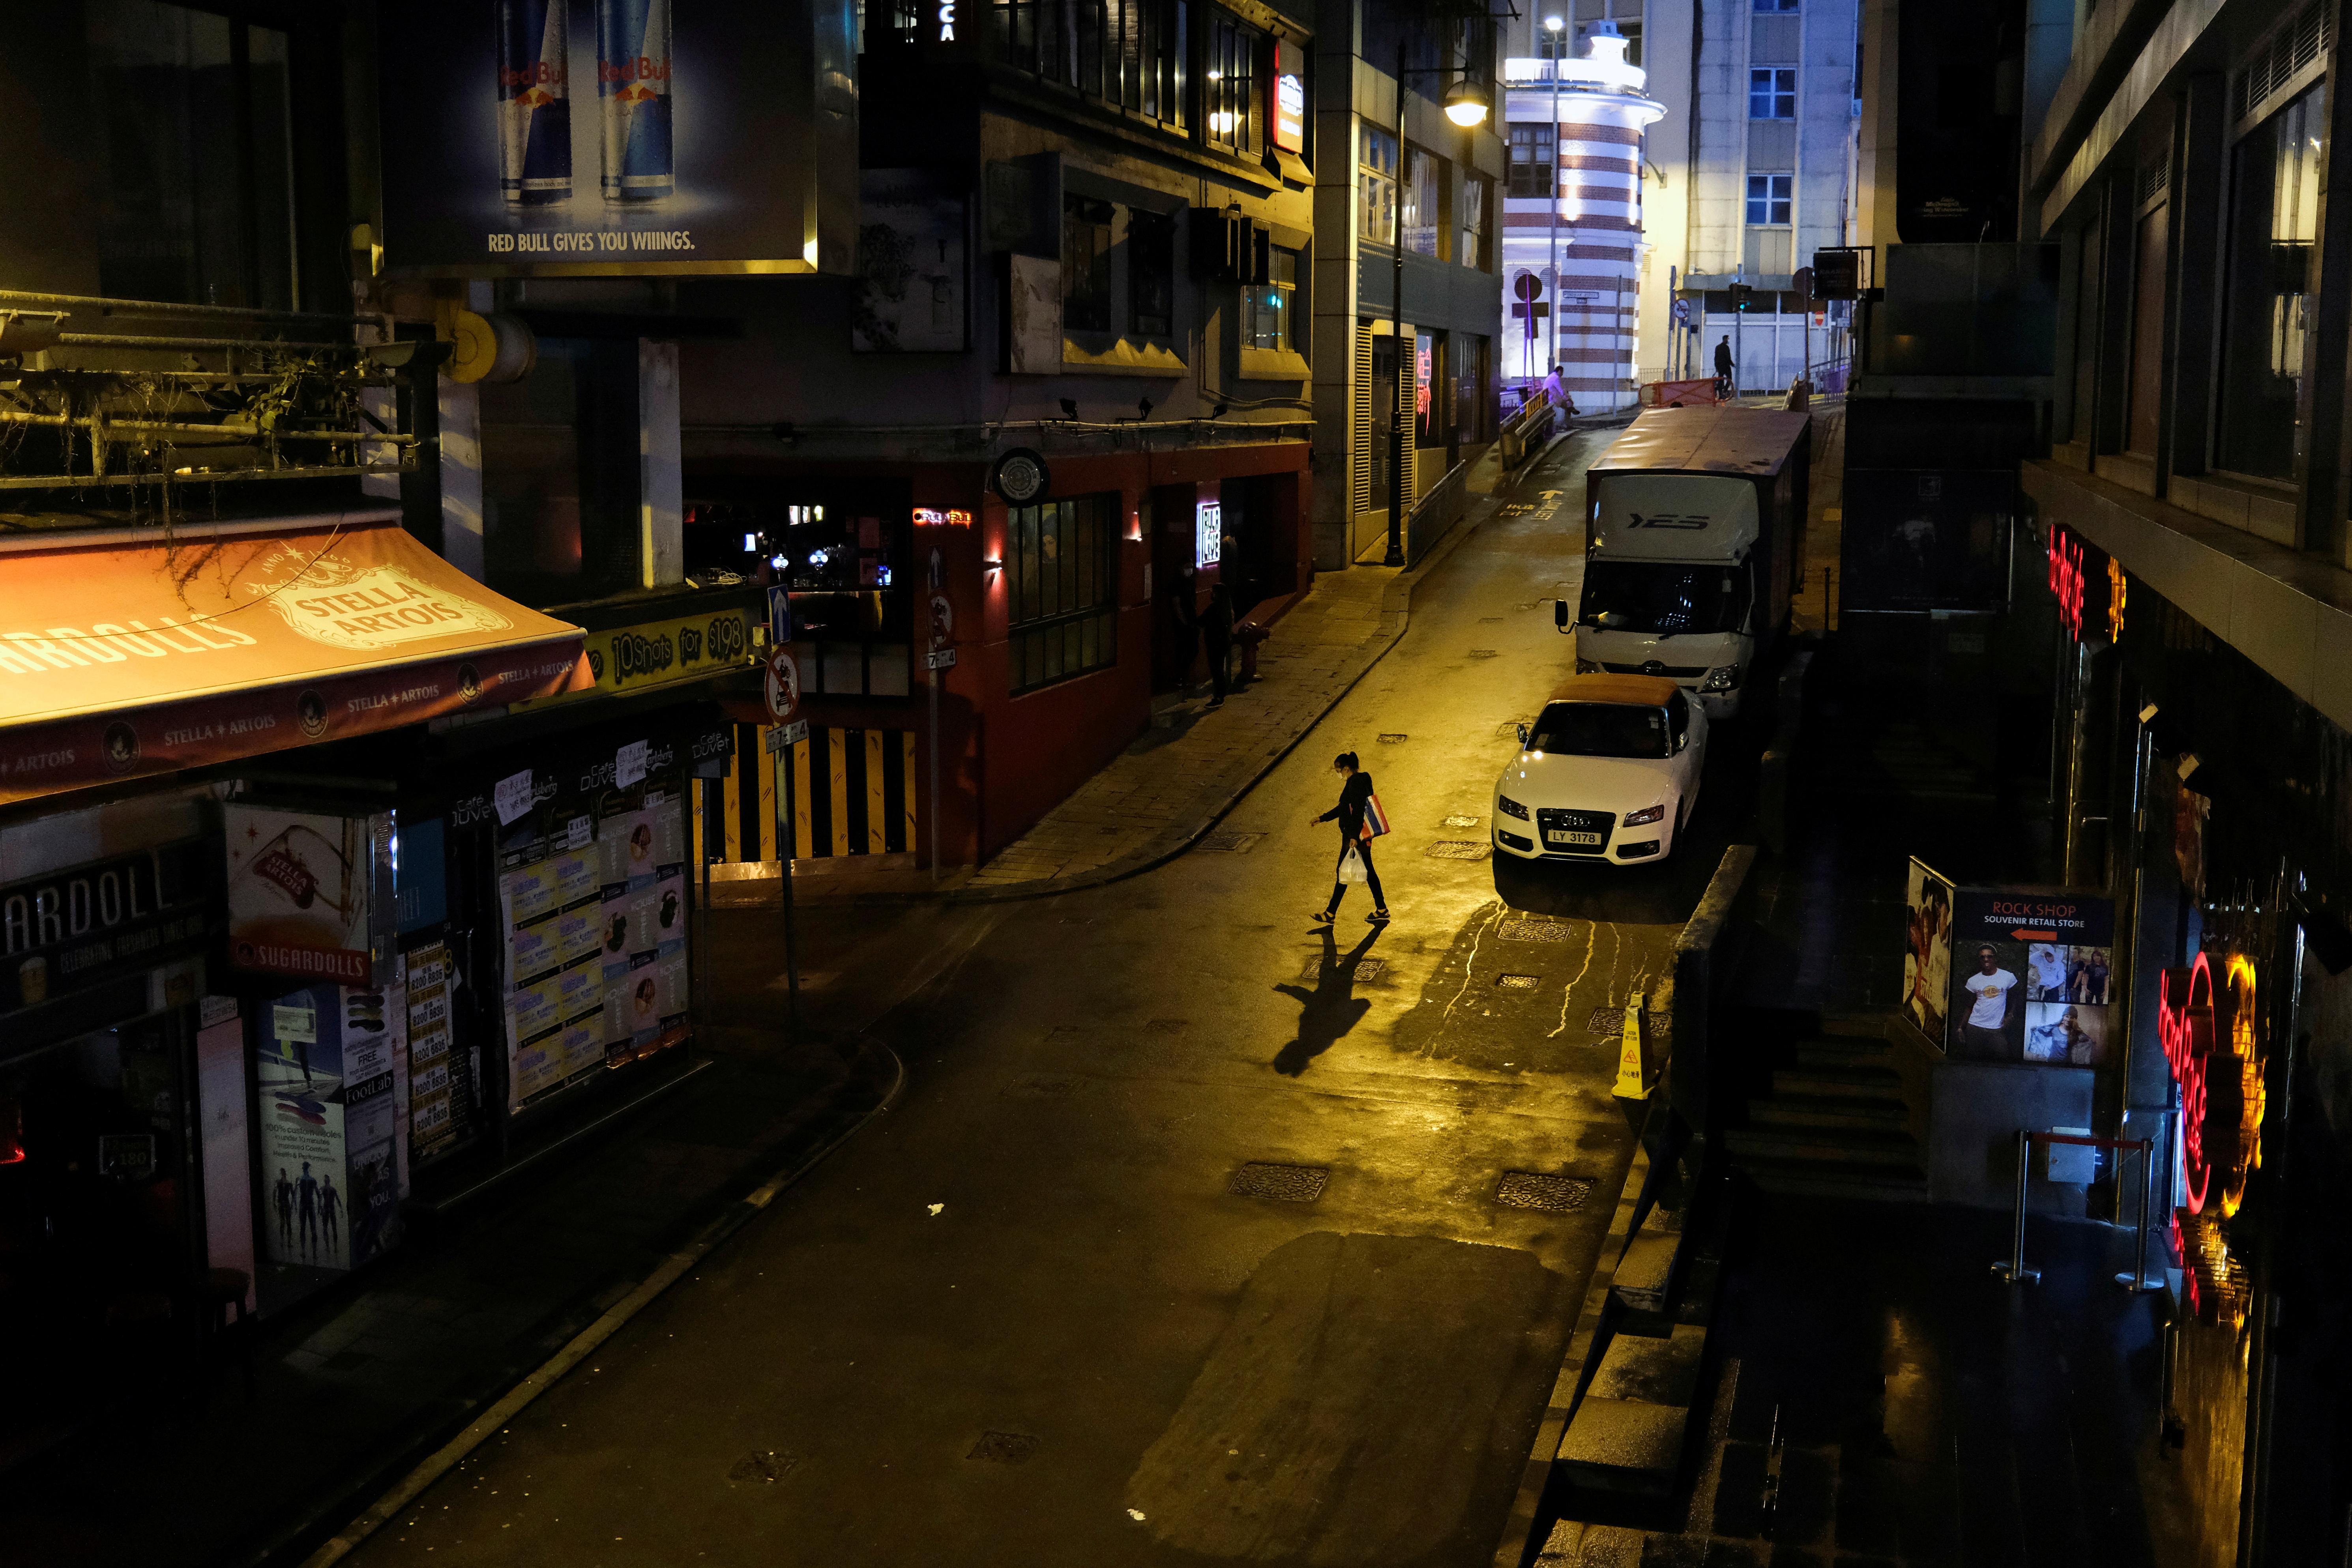 Una mujer cruza la calle en una zona de bares totalmente desierta y con todos los comercios cerrados en Hong Kong (REUTERS/Tyrone Siu)